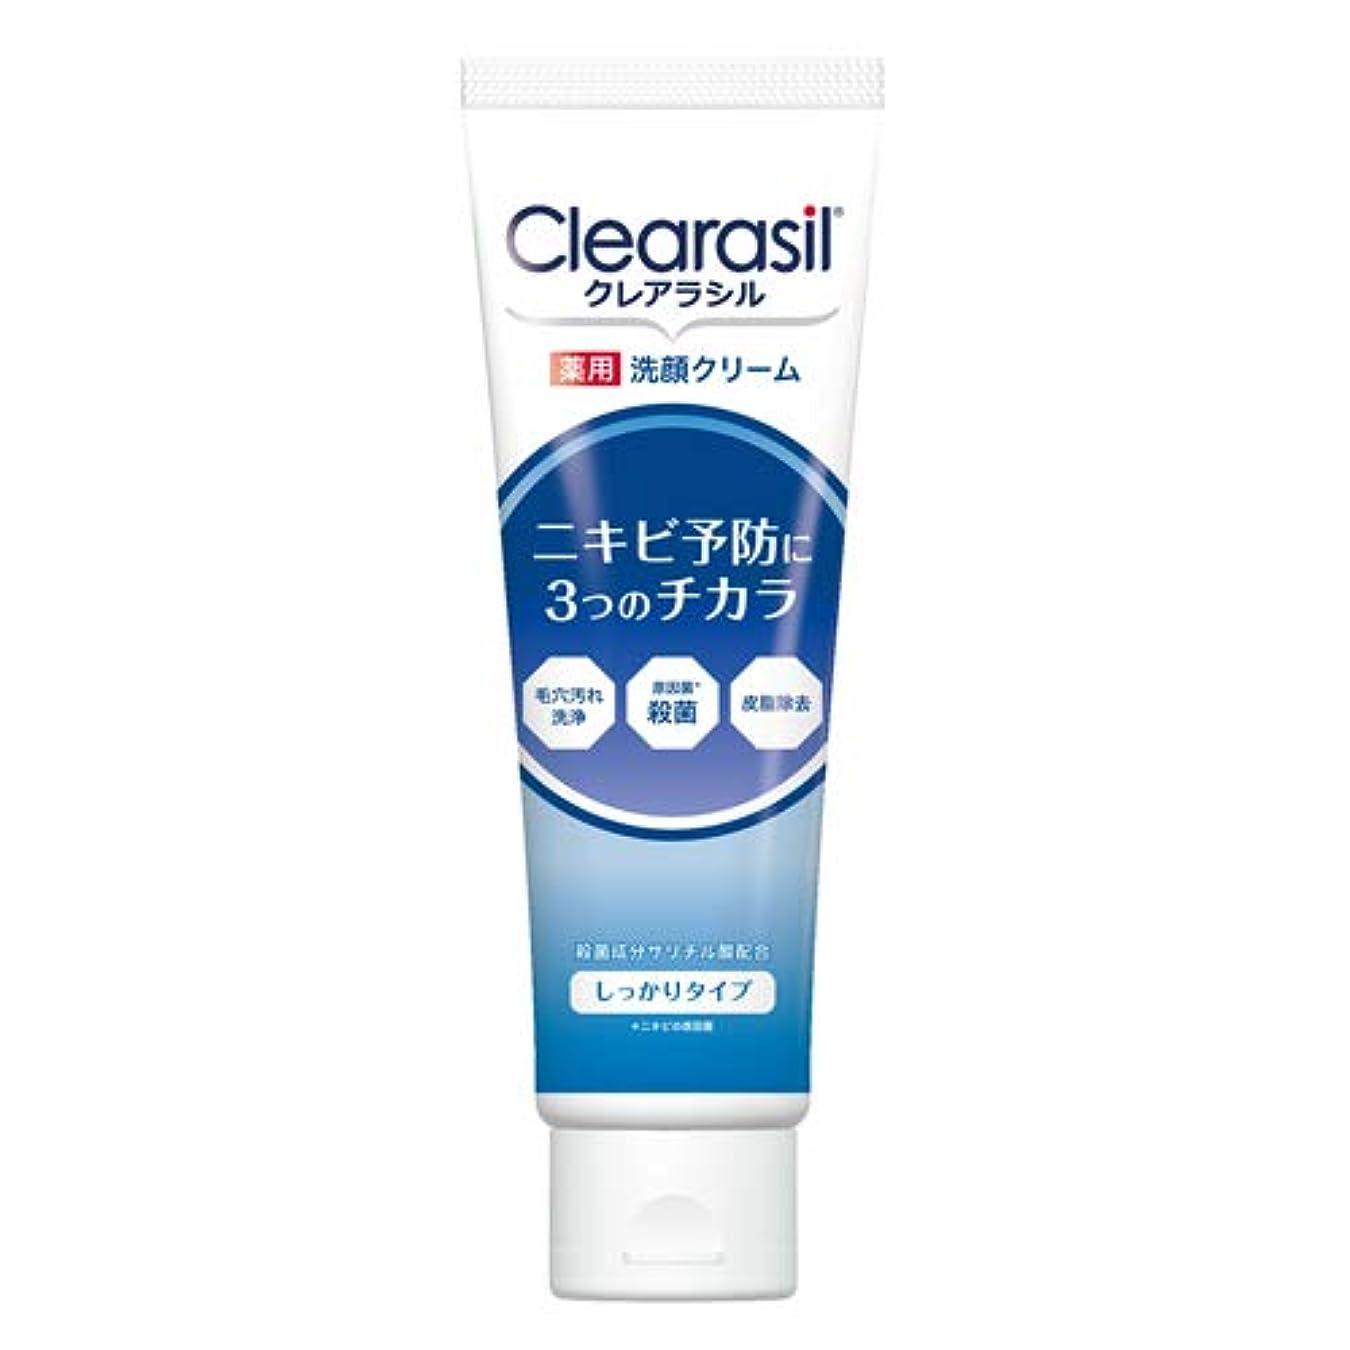 ピック充電以前はクレアラシル 薬用洗顔フォーム 10x 120g × 3個セット